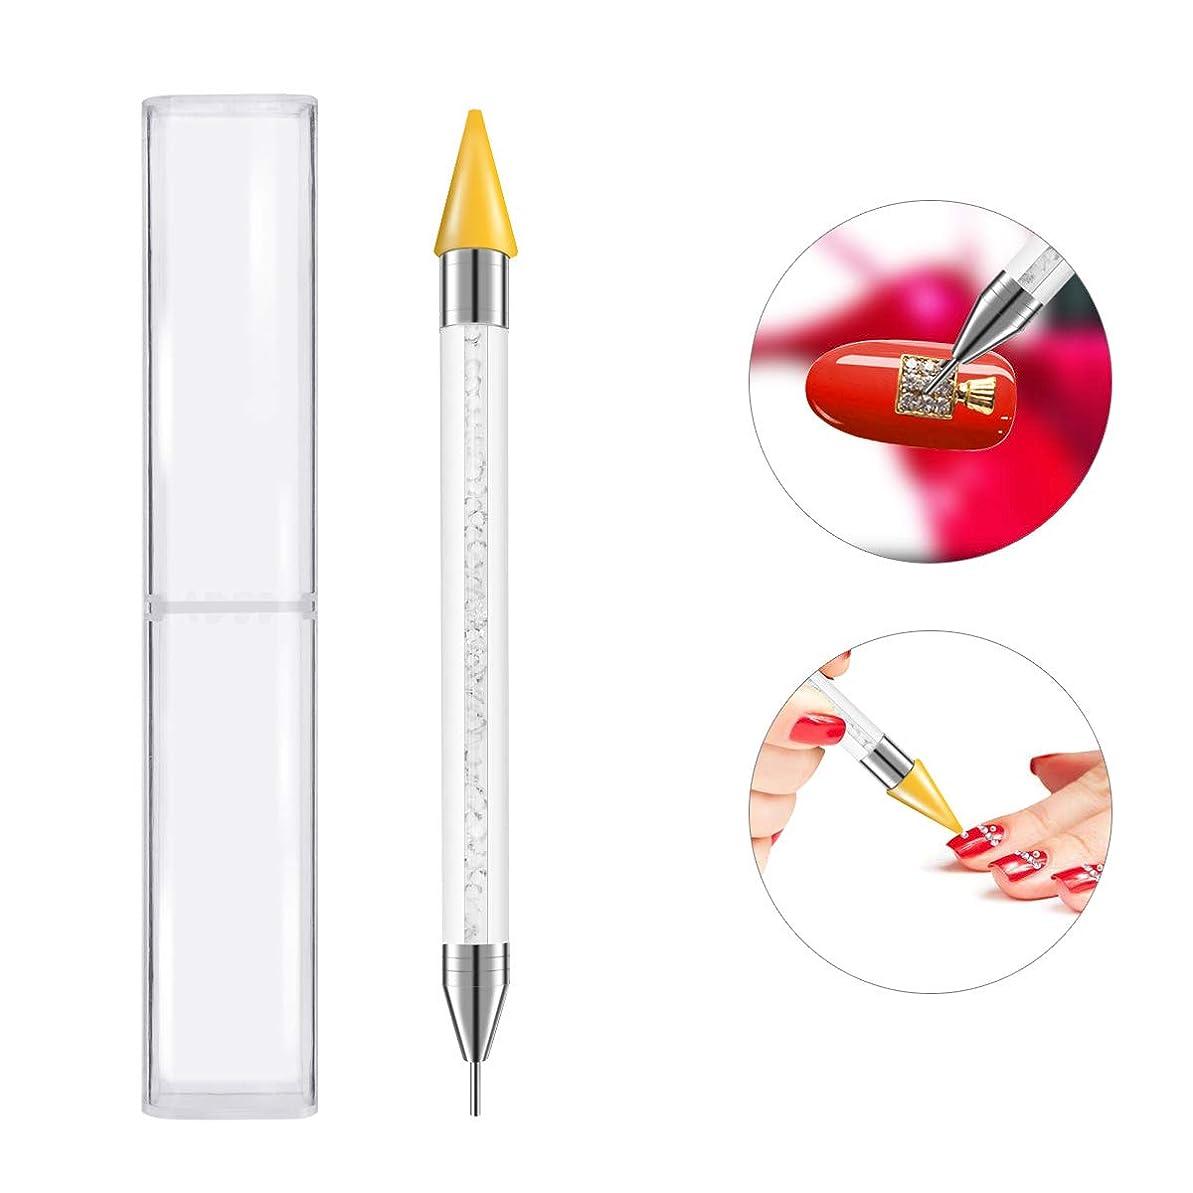 健全足音敵対的Frcolor ネイルドットペン ネイルアートペン ドット棒 ネイル筆 収納ケース付き 点描ツール マニキュア DIY 2way仕樣